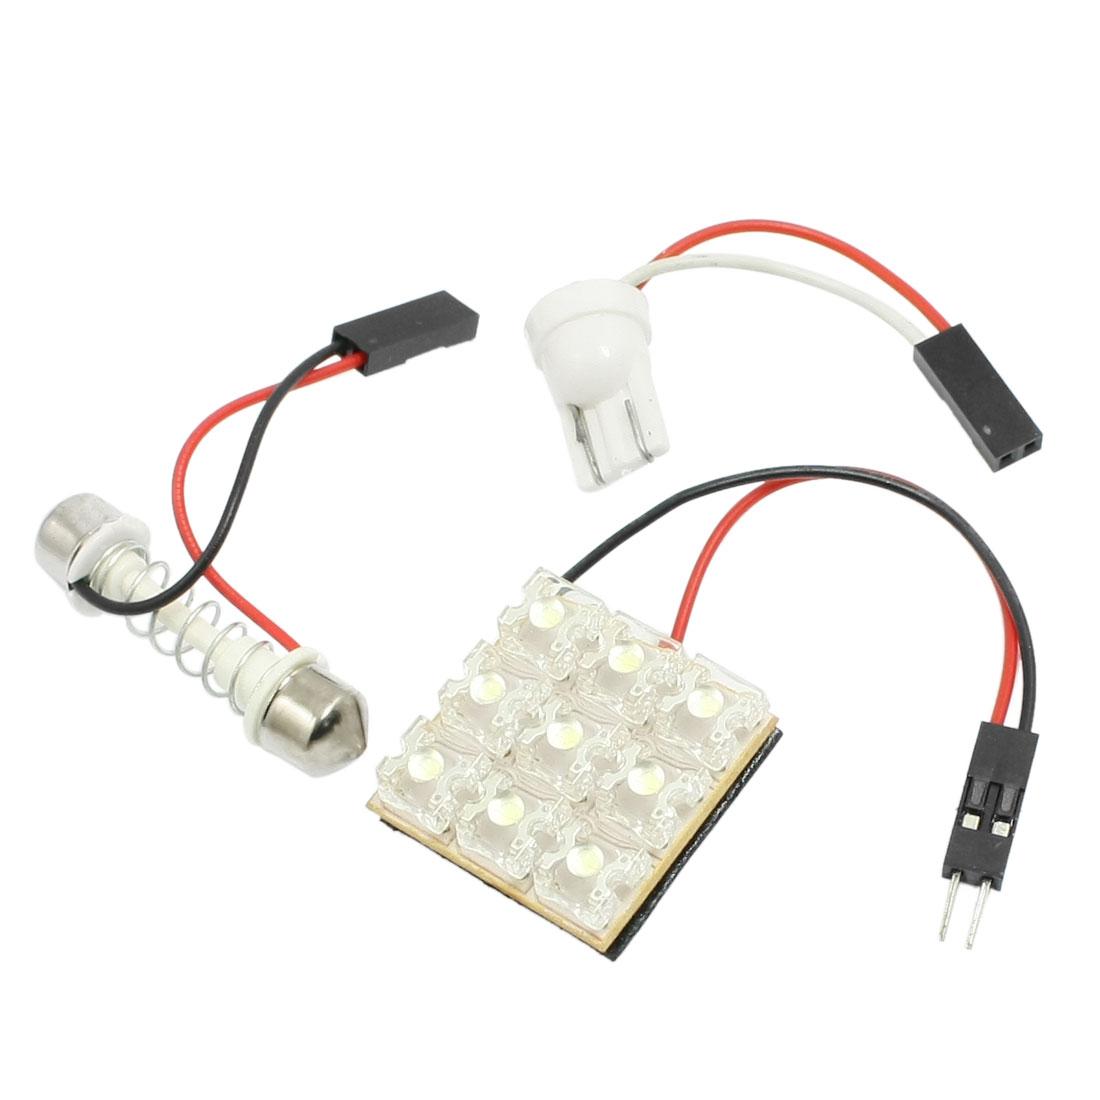 T10 Adapter + Light Panel 9 LED + Dome Festoon Bulb White for Vehicle Car